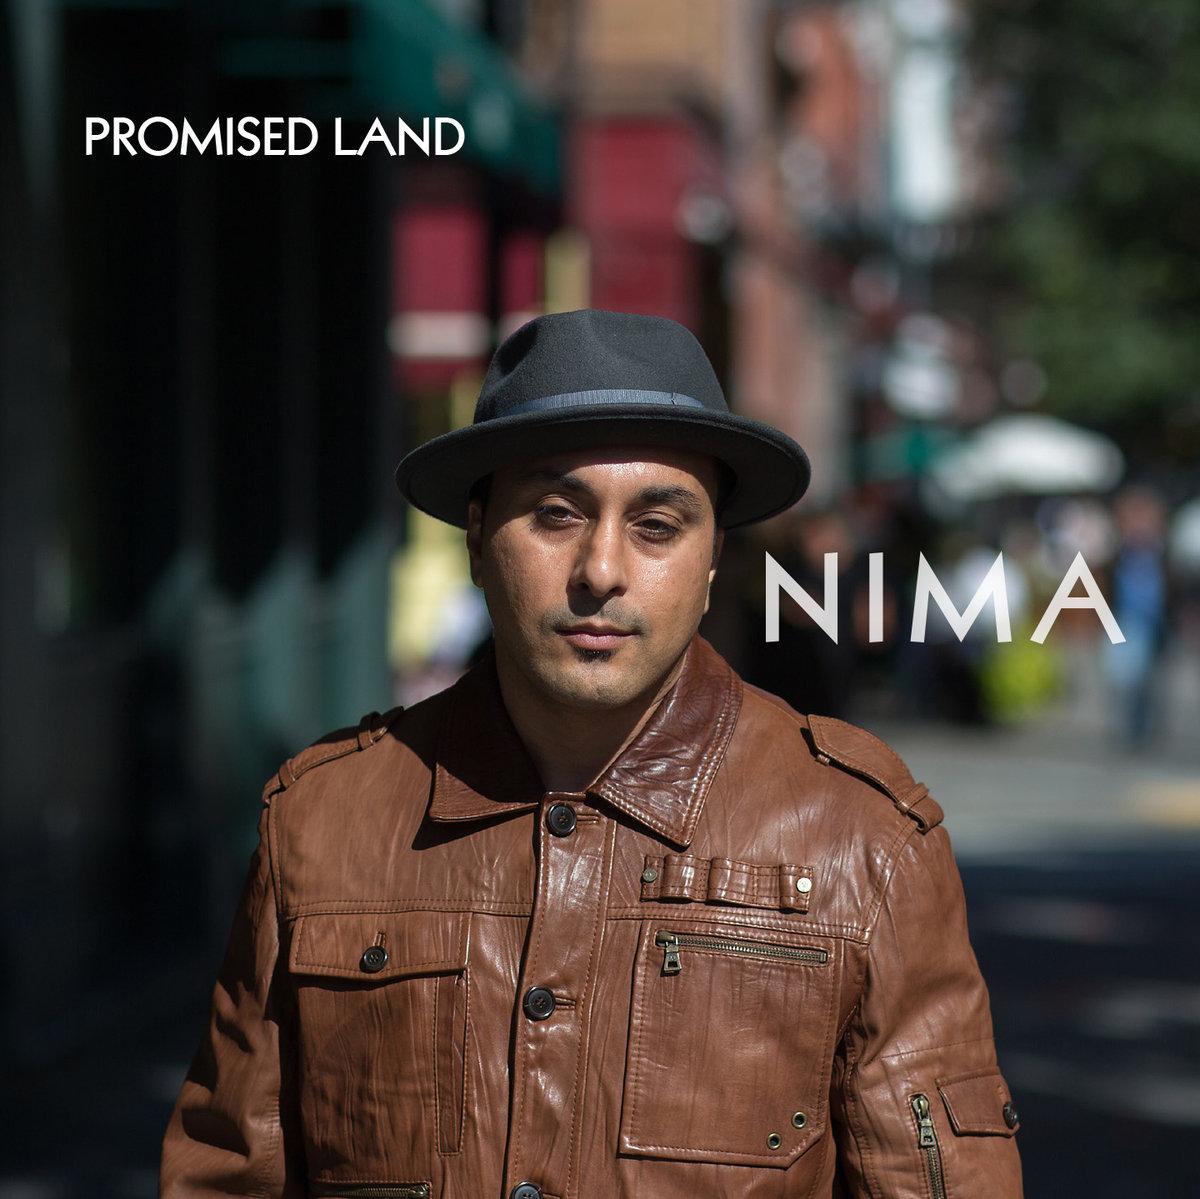 Nima - Promised Land (2018)